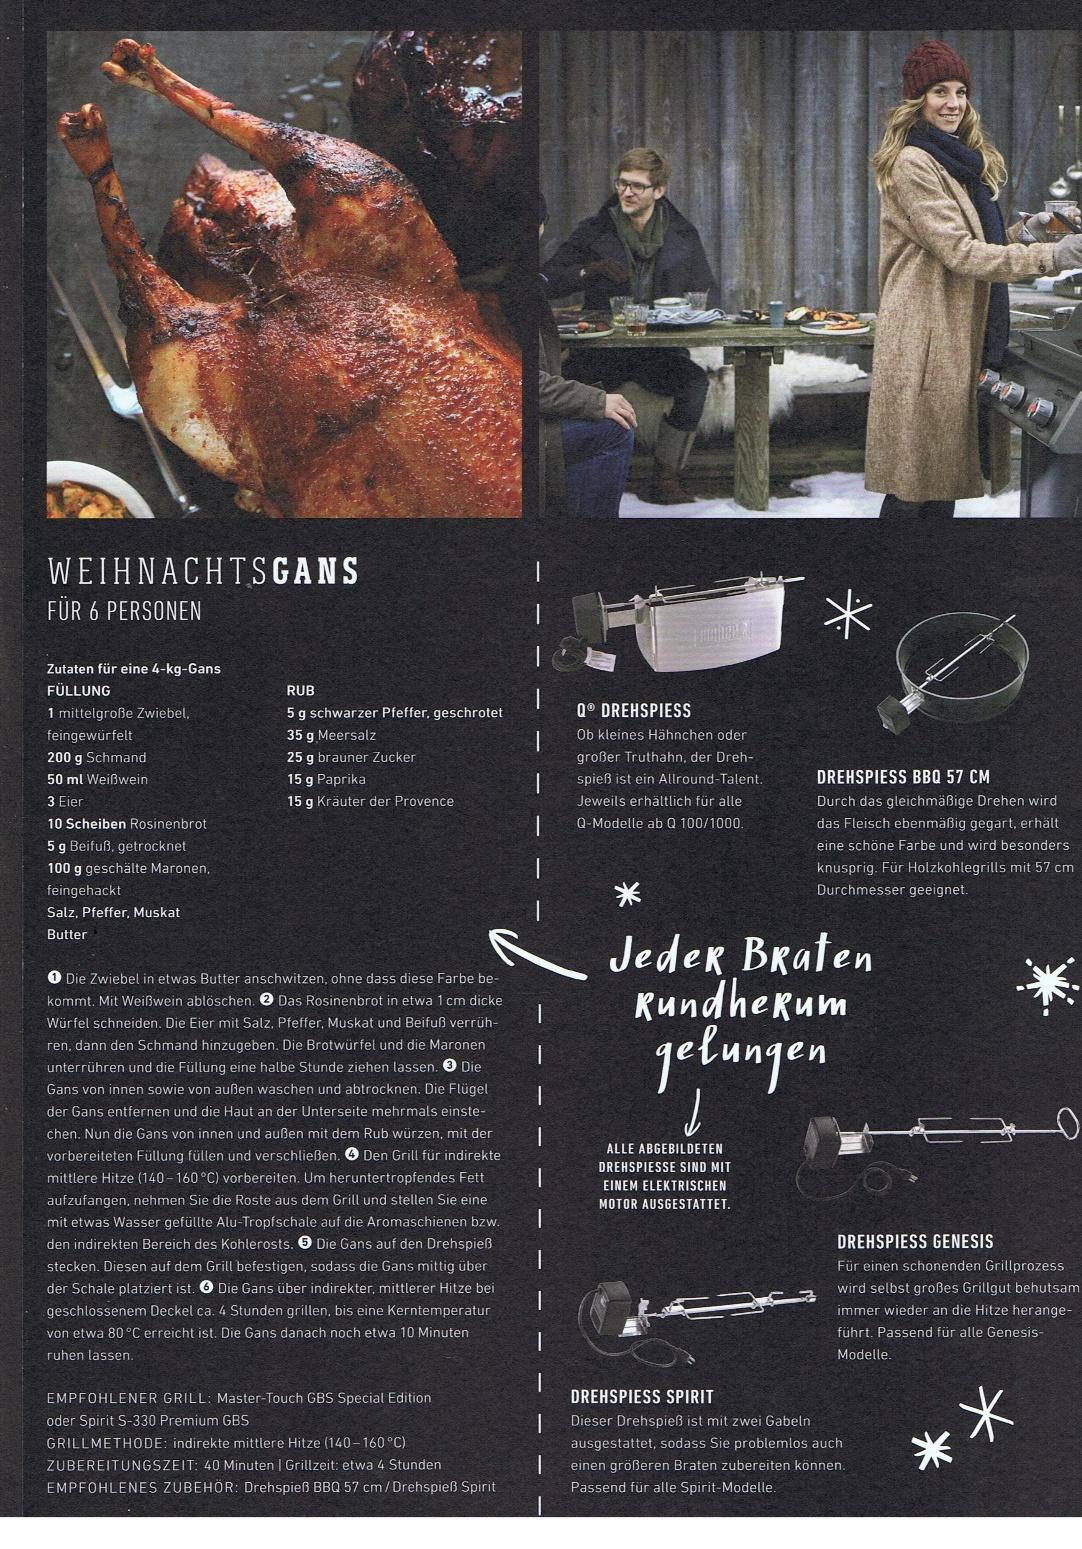 Freelance Konzept U0026 Text Sascha Weinand   Arbeiten U2013 Weber Grill Broschüre  Wintergrillen